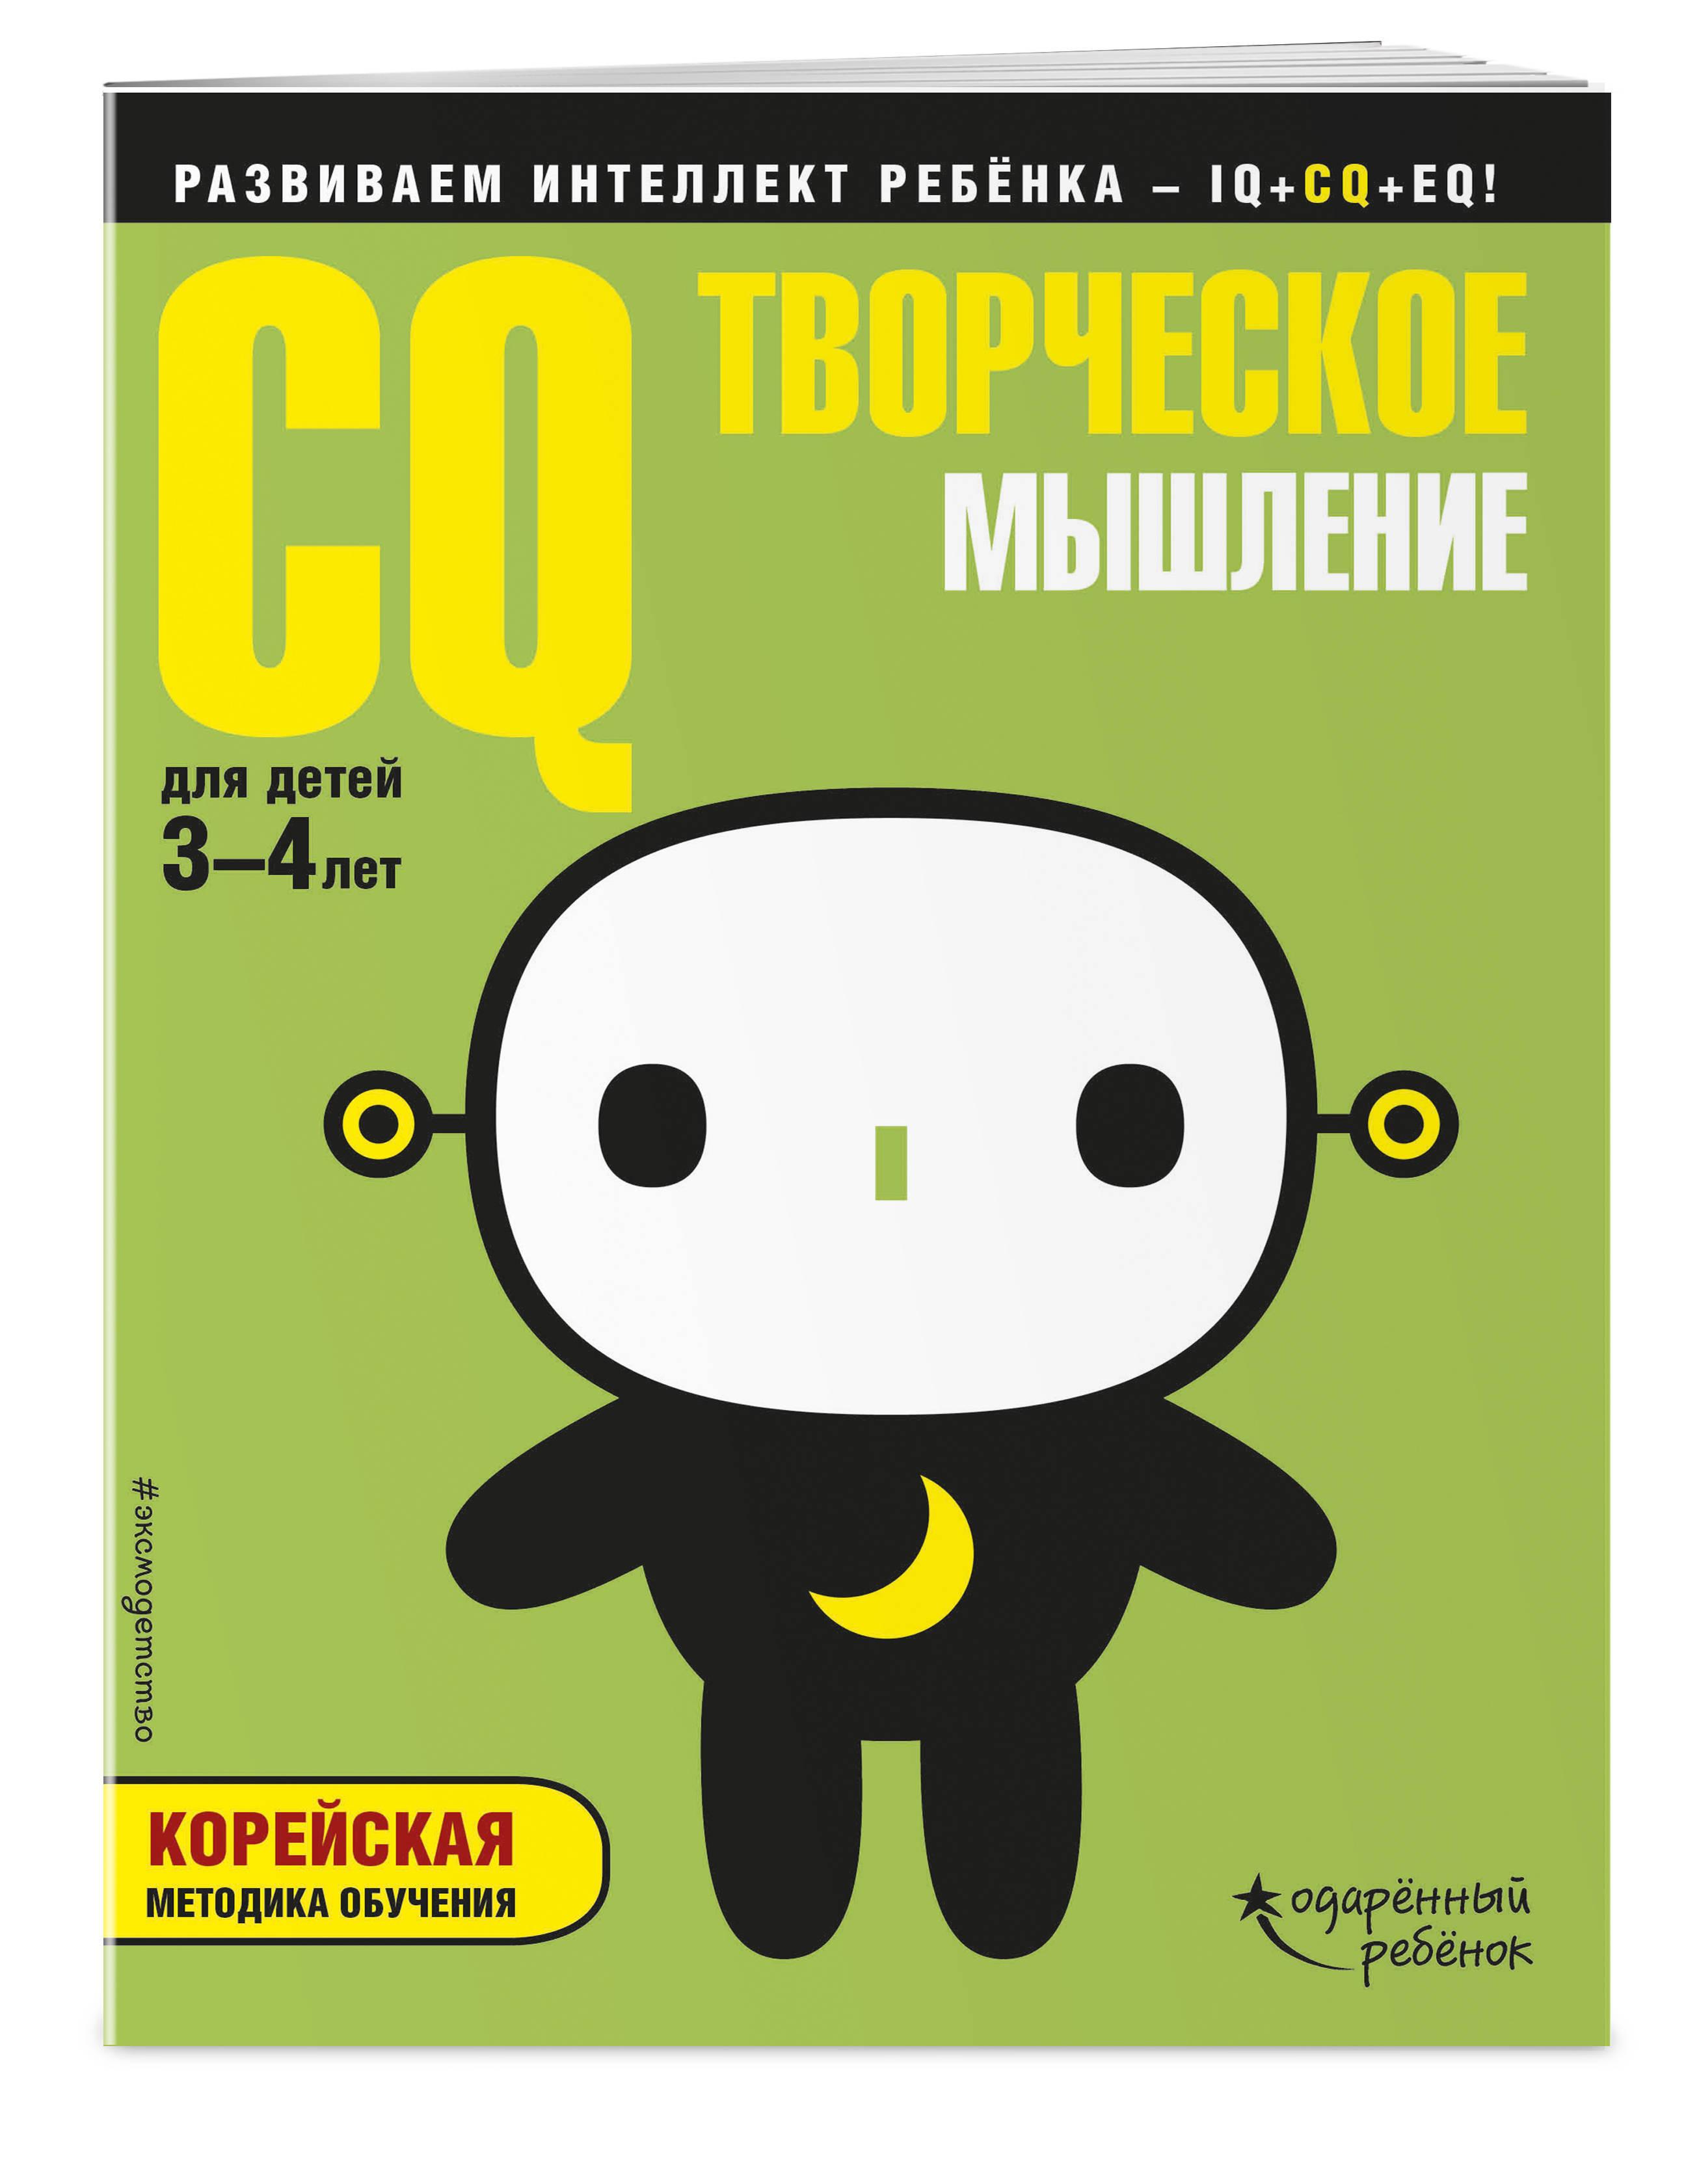 CQ – творческое мышление: для детей 3-4 лет (с наклейками) кукушкина и ред cq творческое мышление корейская методика обучения для детей 3 4 лет